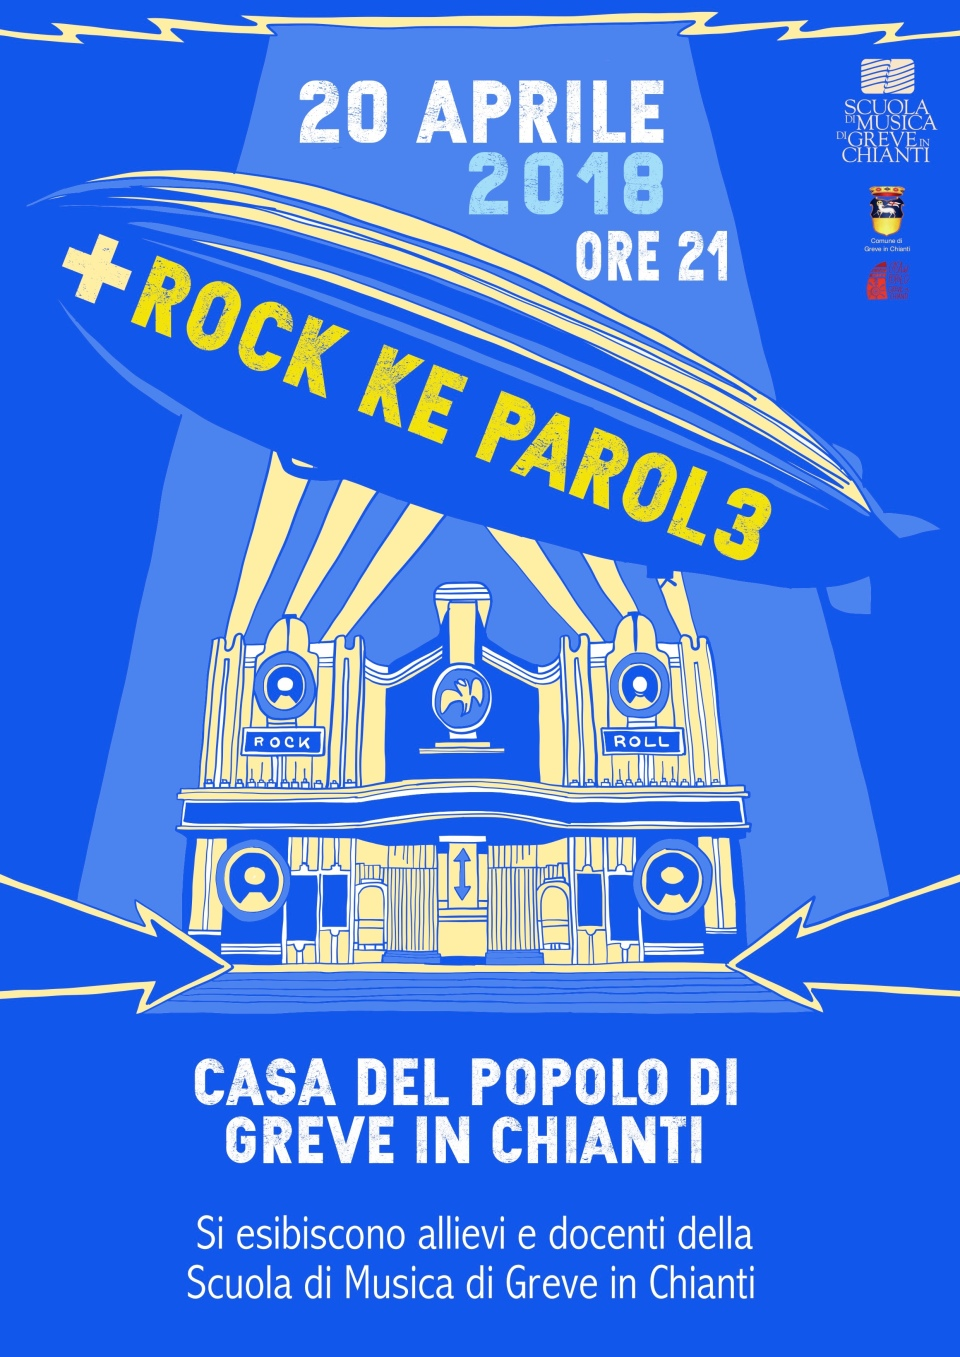 PIU ROCK KE PAROLE2